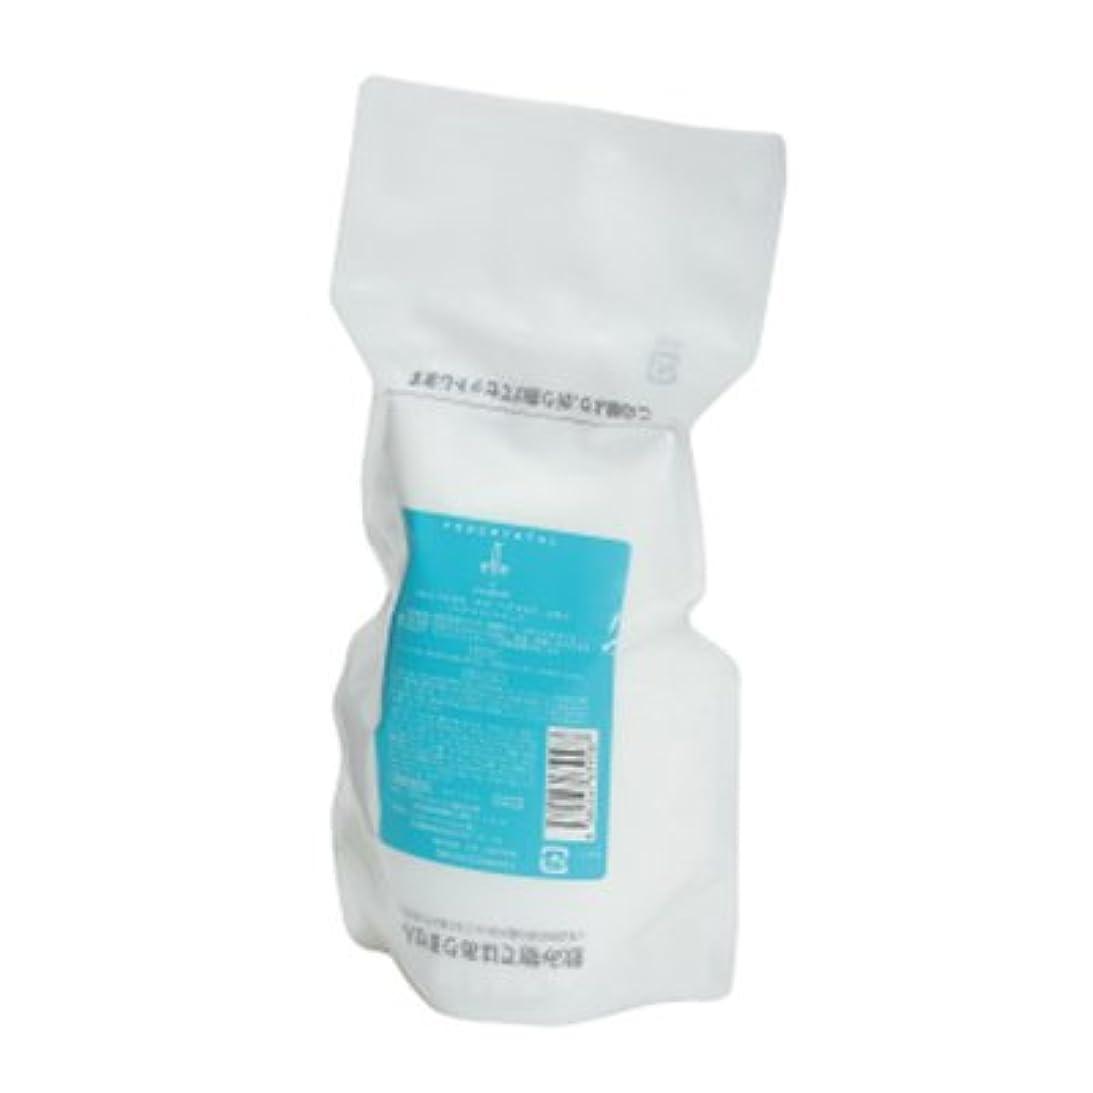 窓ダム港アペティート化粧品 effeヘアマスク ふわり レフィル 500g